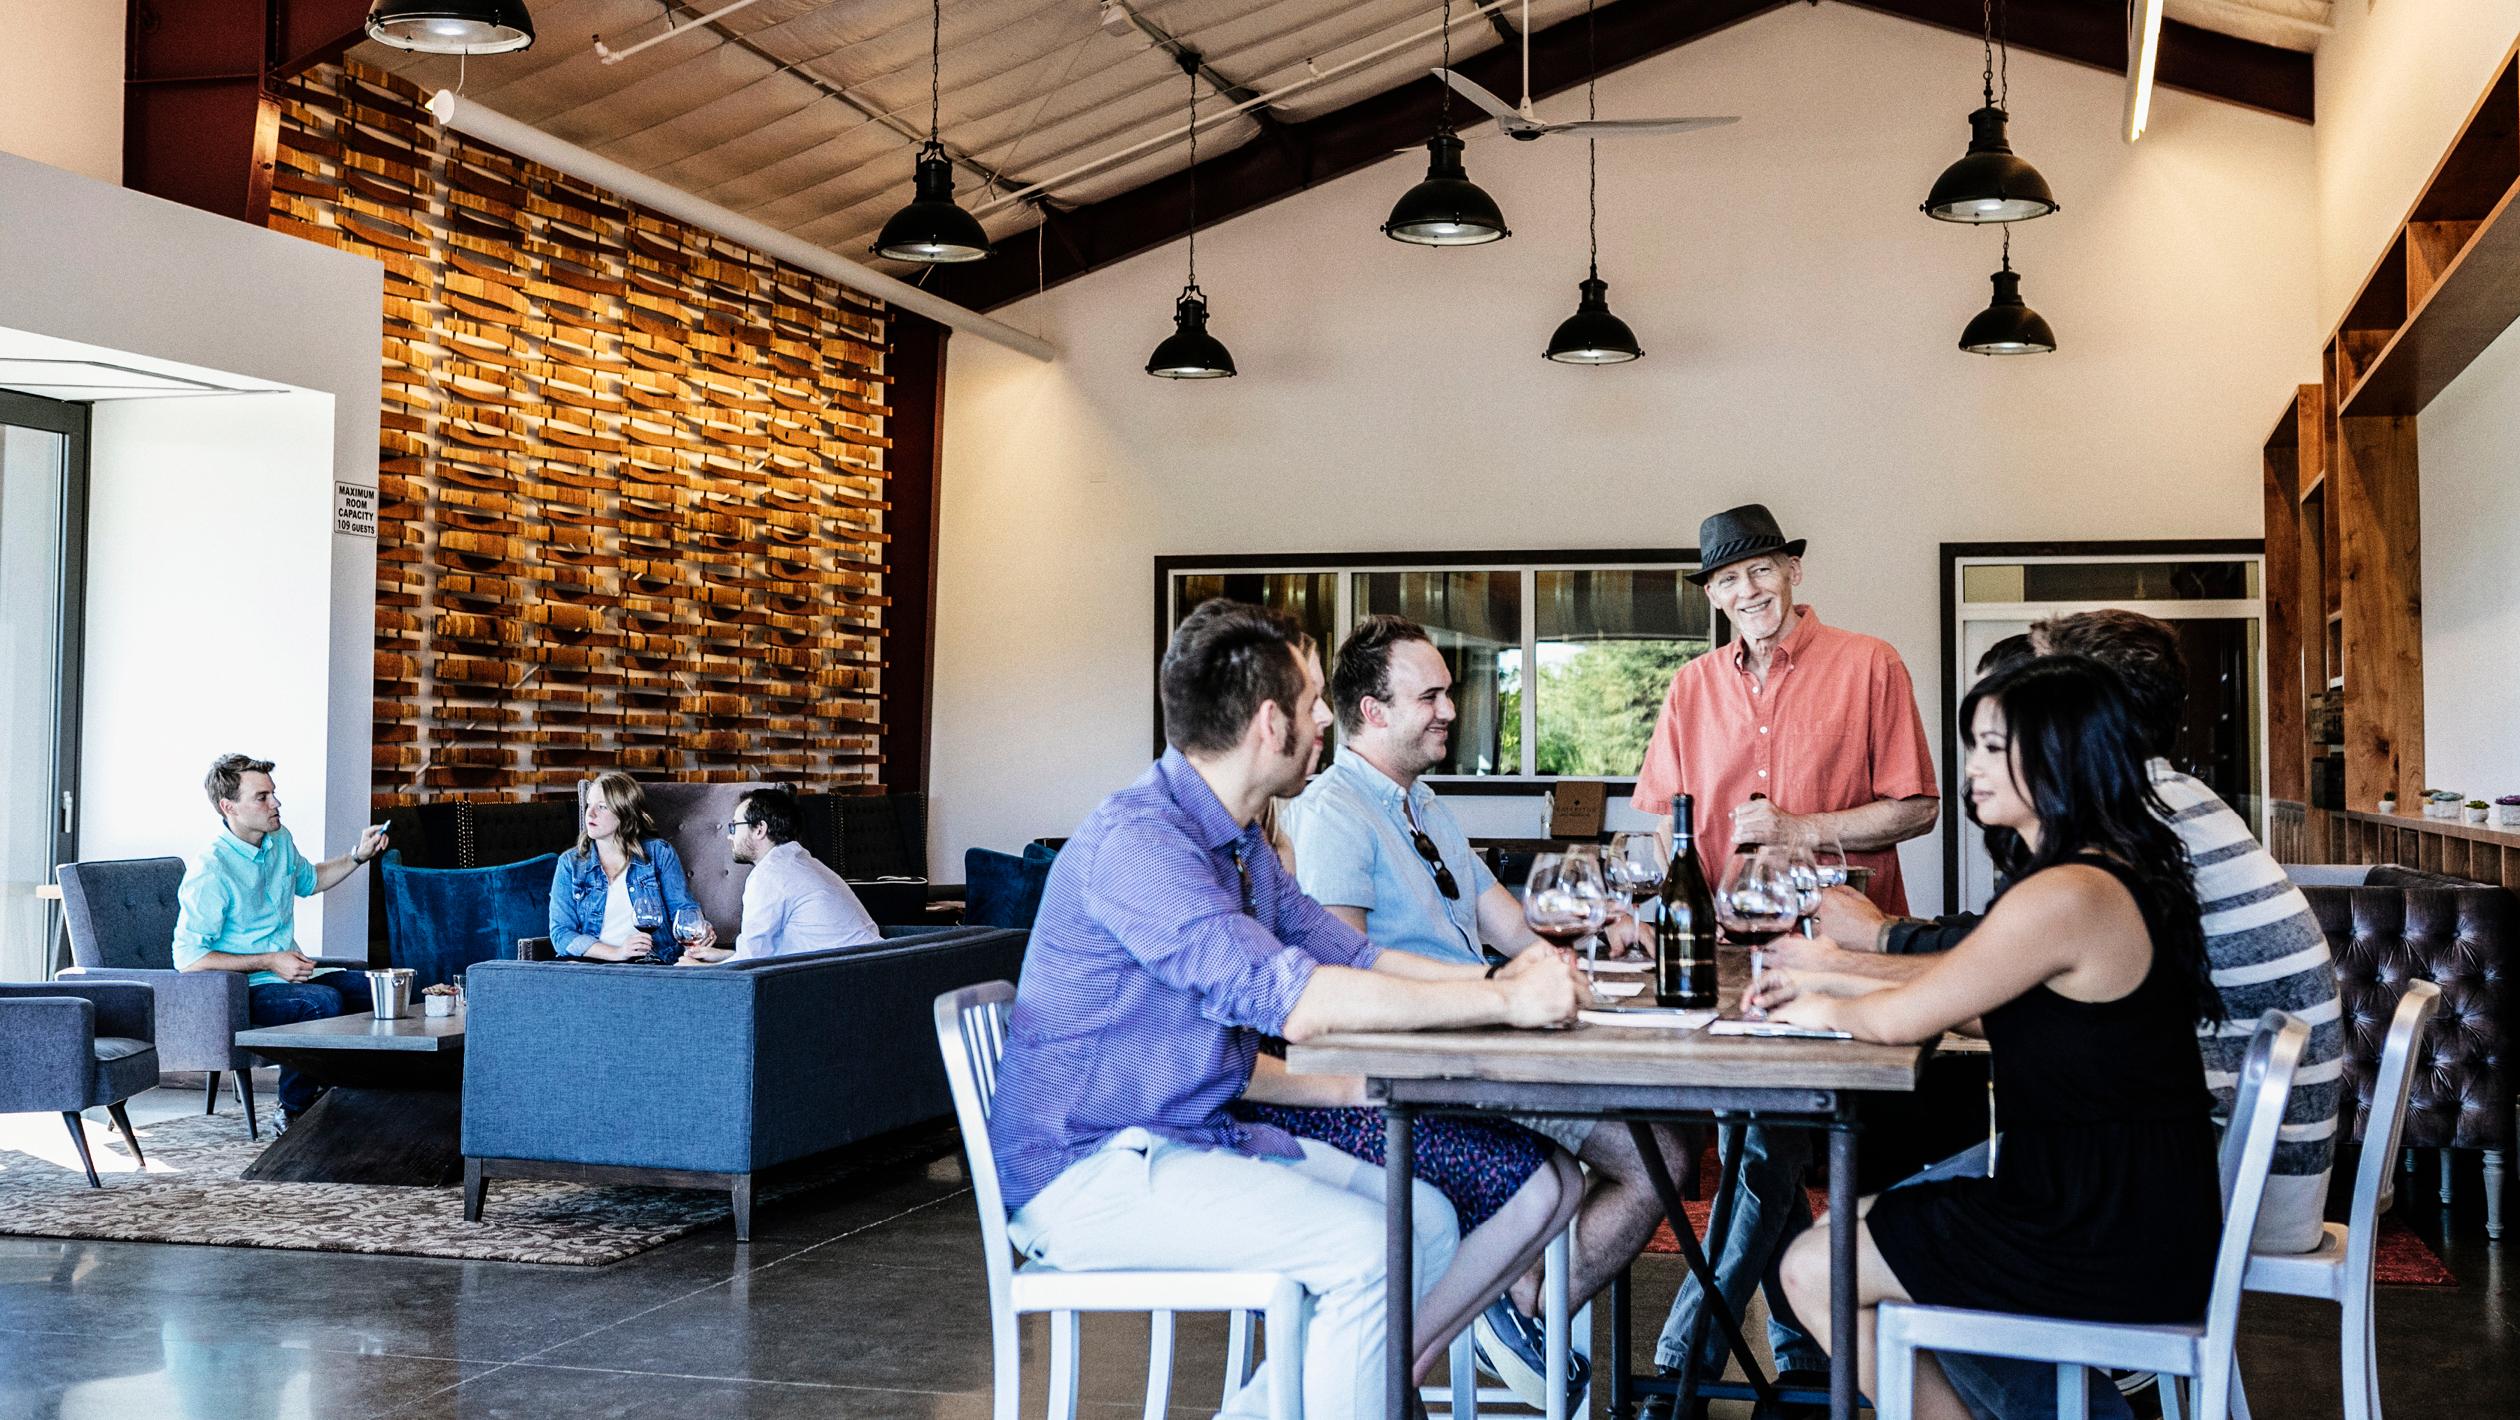 Inside Emeritus Vineyards Tasting Room